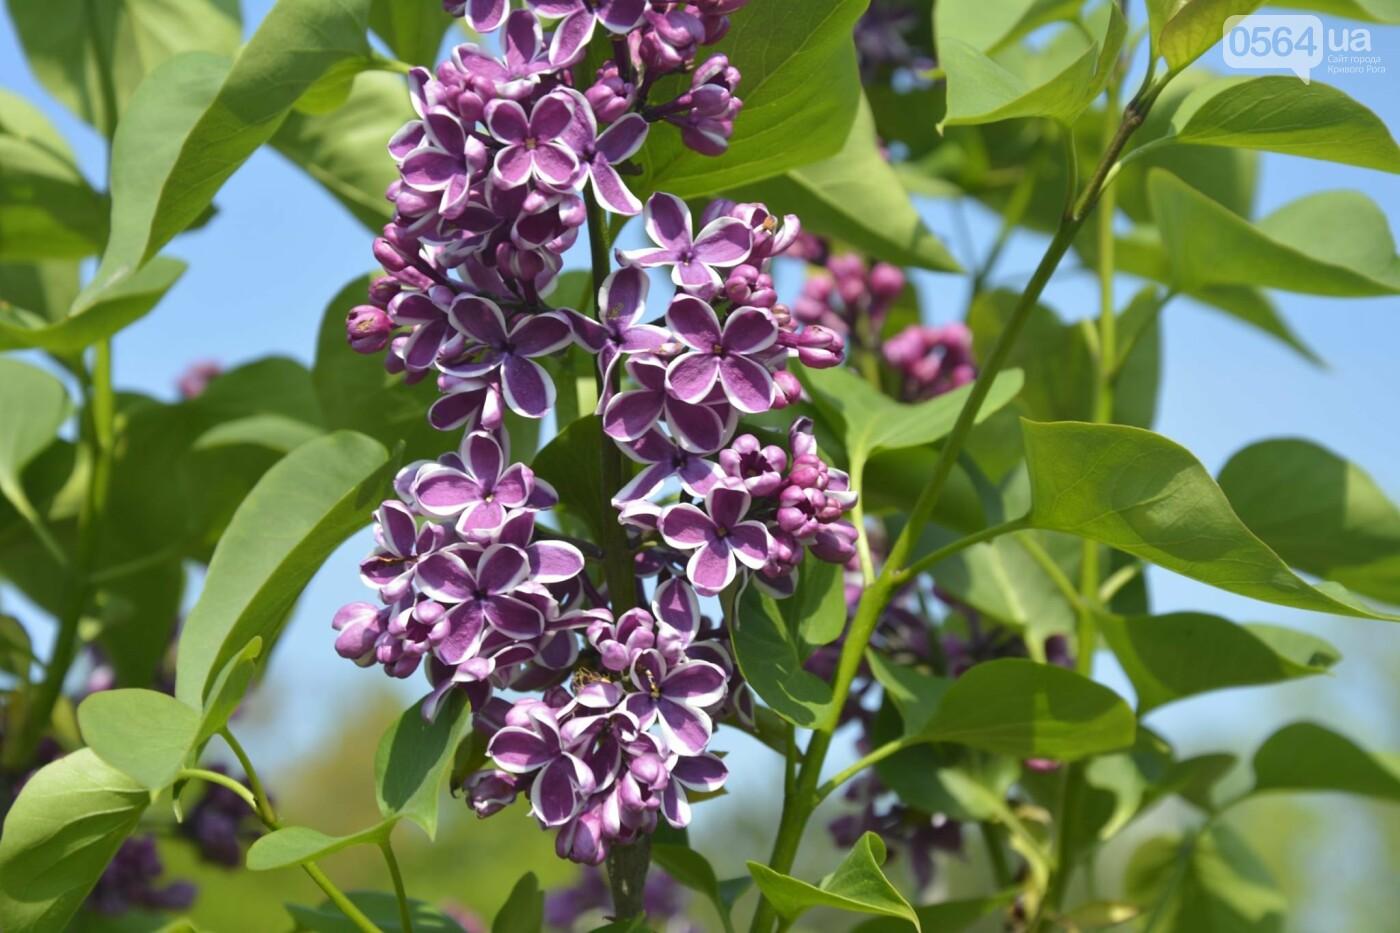 """Коллекция сирени, тюльпан """"Черный кофе"""", барбарис, - как выглядит Криворожский ботанический сад сегодня, - ФОТО, фото-32"""